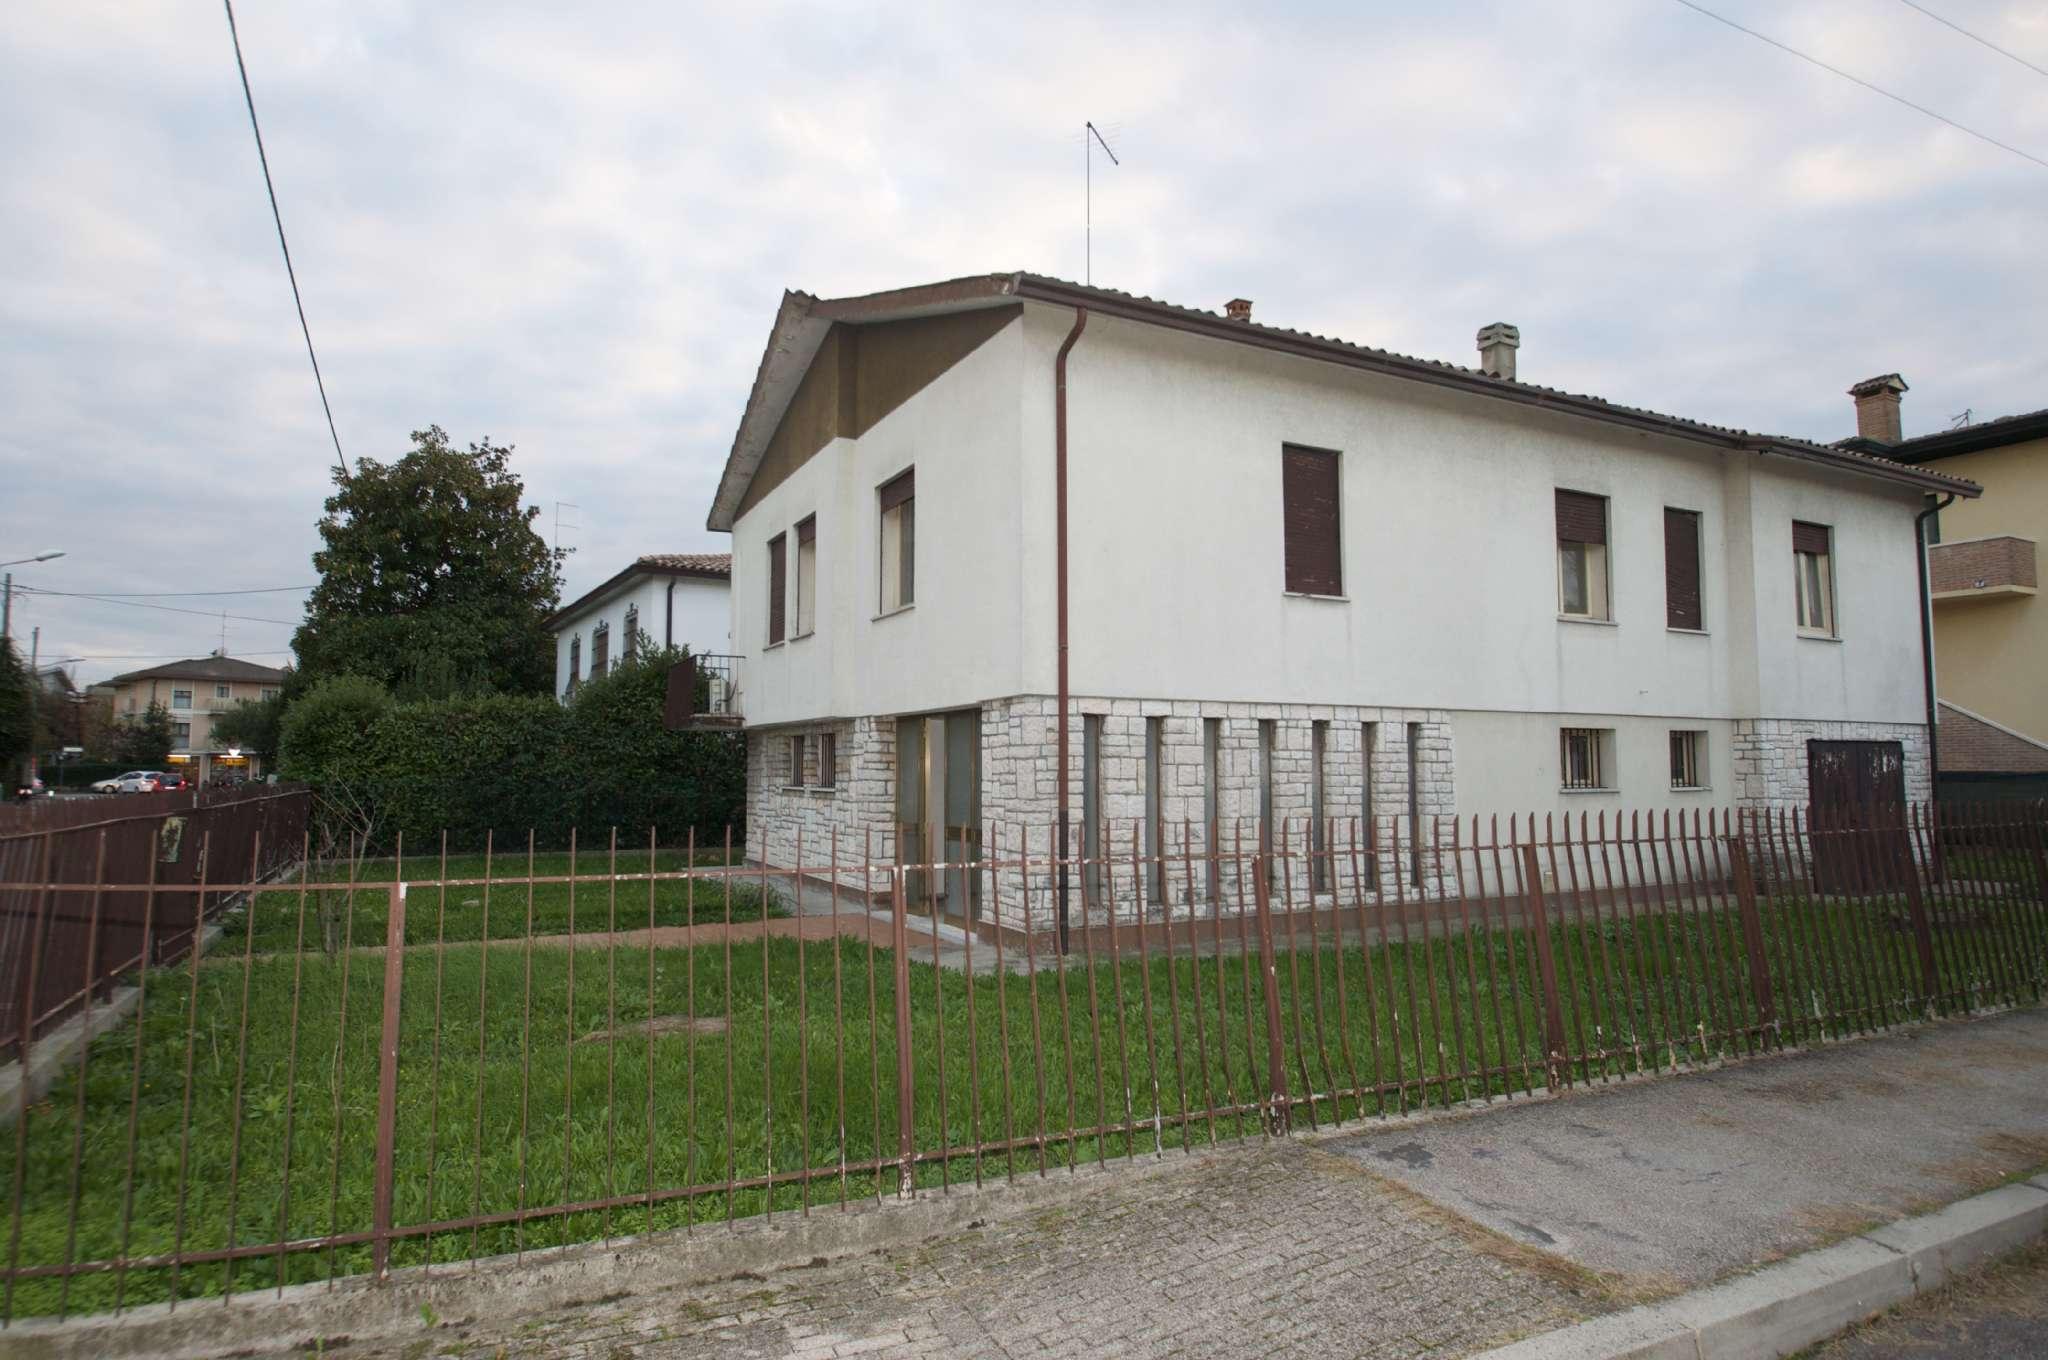 Soluzione Indipendente in vendita a Padova, 7 locali, zona Zona: 5 . Sud-Ovest (Armistizio-Savonarola), prezzo € 240.000 | CambioCasa.it